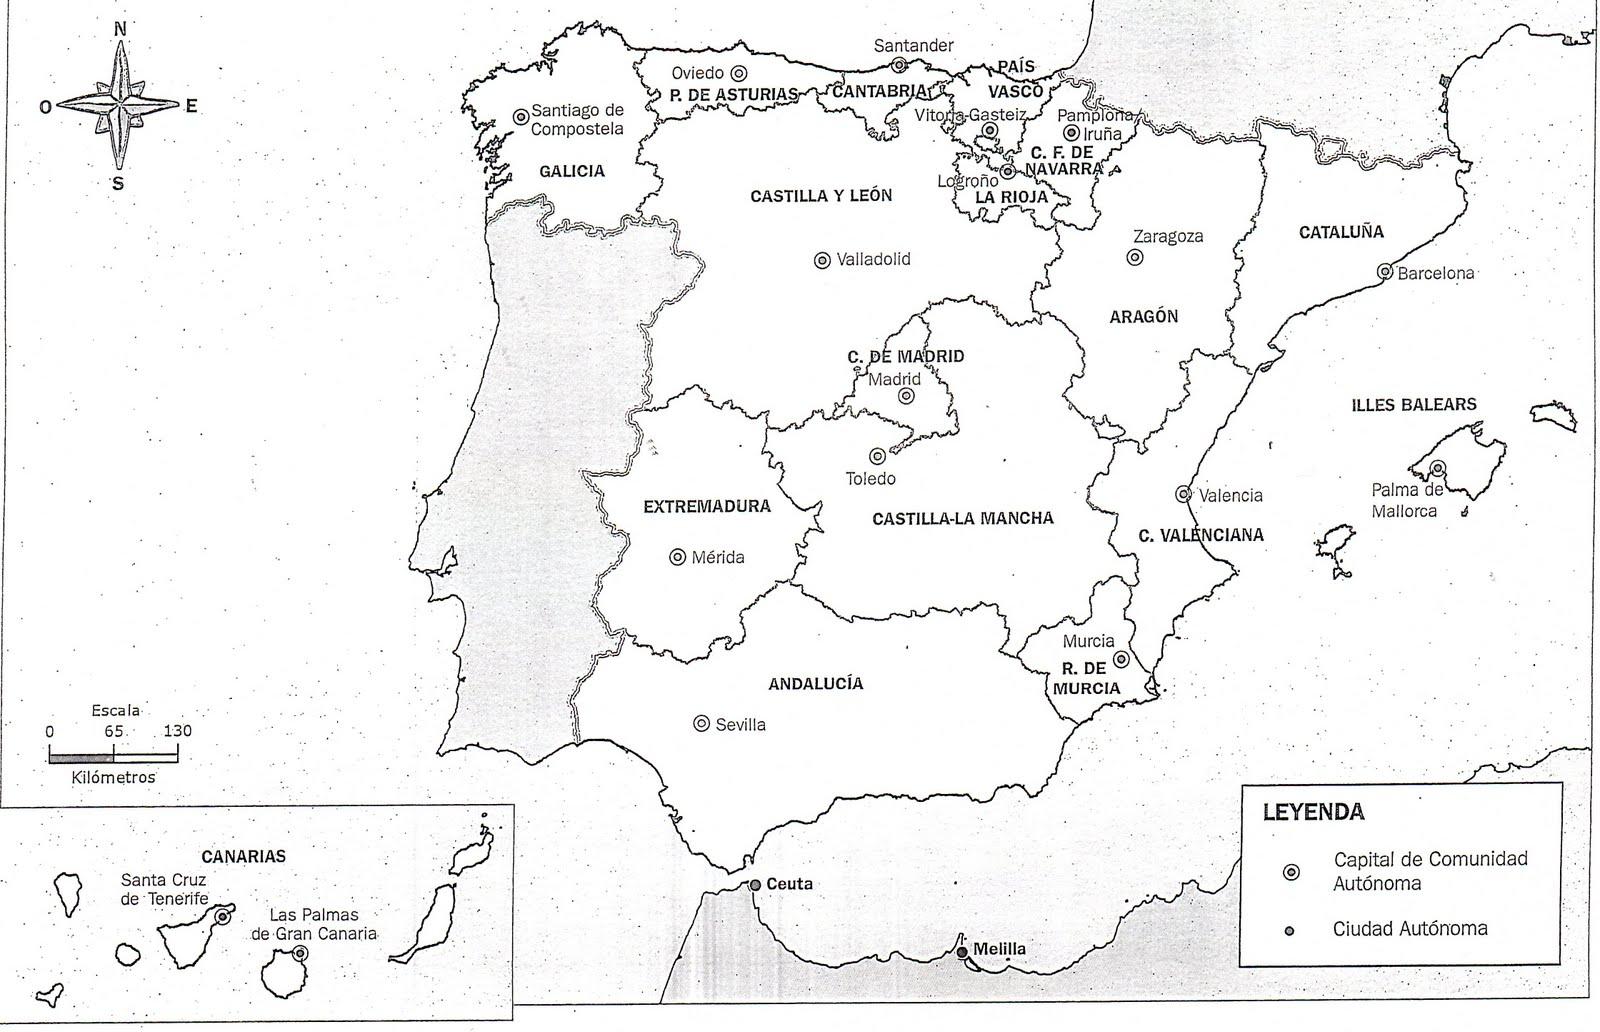 Mapa De Las Regiones De Espana Blanco Y Negro 13